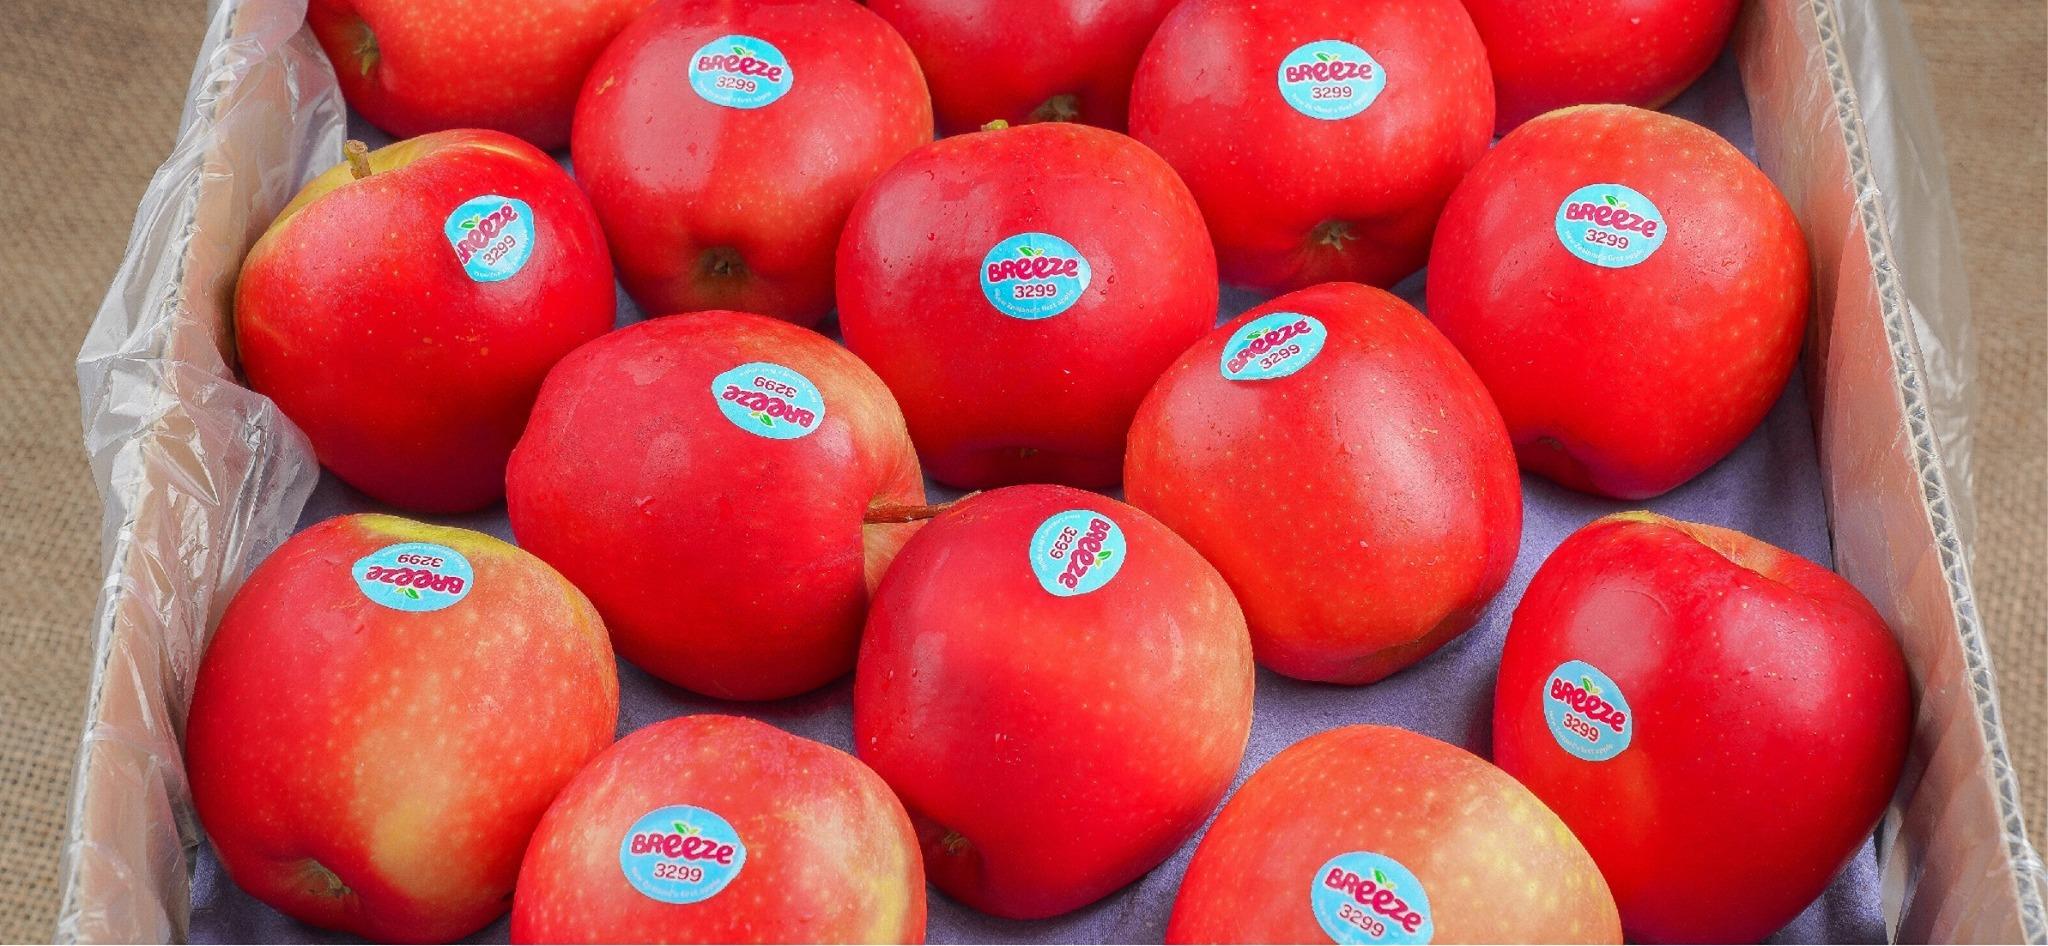 Một kg táo Breeze New Zealand từ Tony Fruits hiện có giá chỉ 66.500 đồng trên sàn thương mại điện tử Lazada, giảm đến 30% so với giá gốc 95.000 đồng. Xem thêm thông tin và đặt mua tại đây. Ngoài ra loại táo vàng Kinsey của Nhật cũng đang có giá ưu đãi, giảm từ 250.000 đồng còn 175.000 đồng một kg. Đặt mua tại đây.